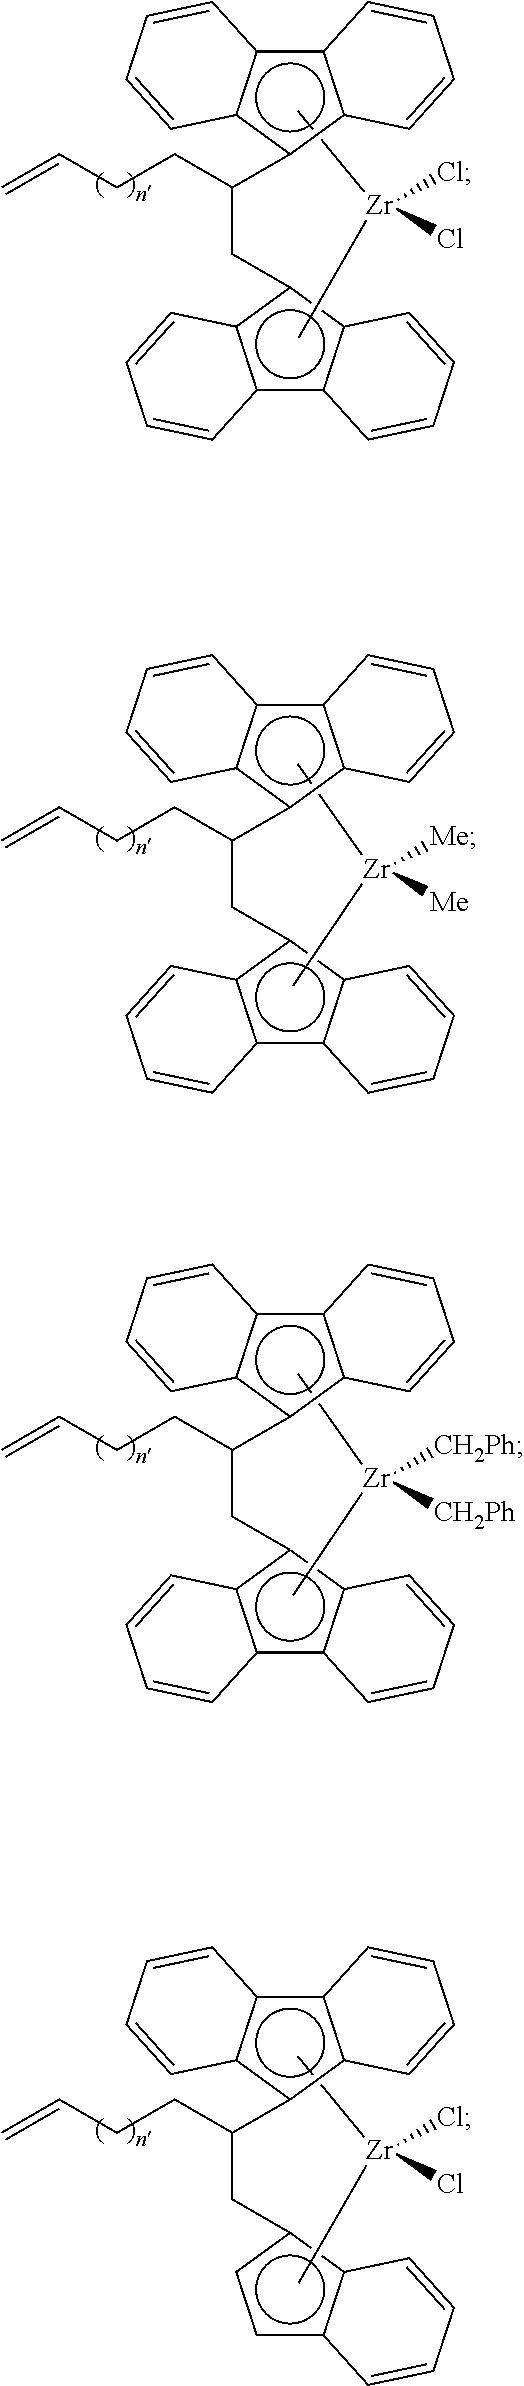 Figure US08143183-20120327-C00015